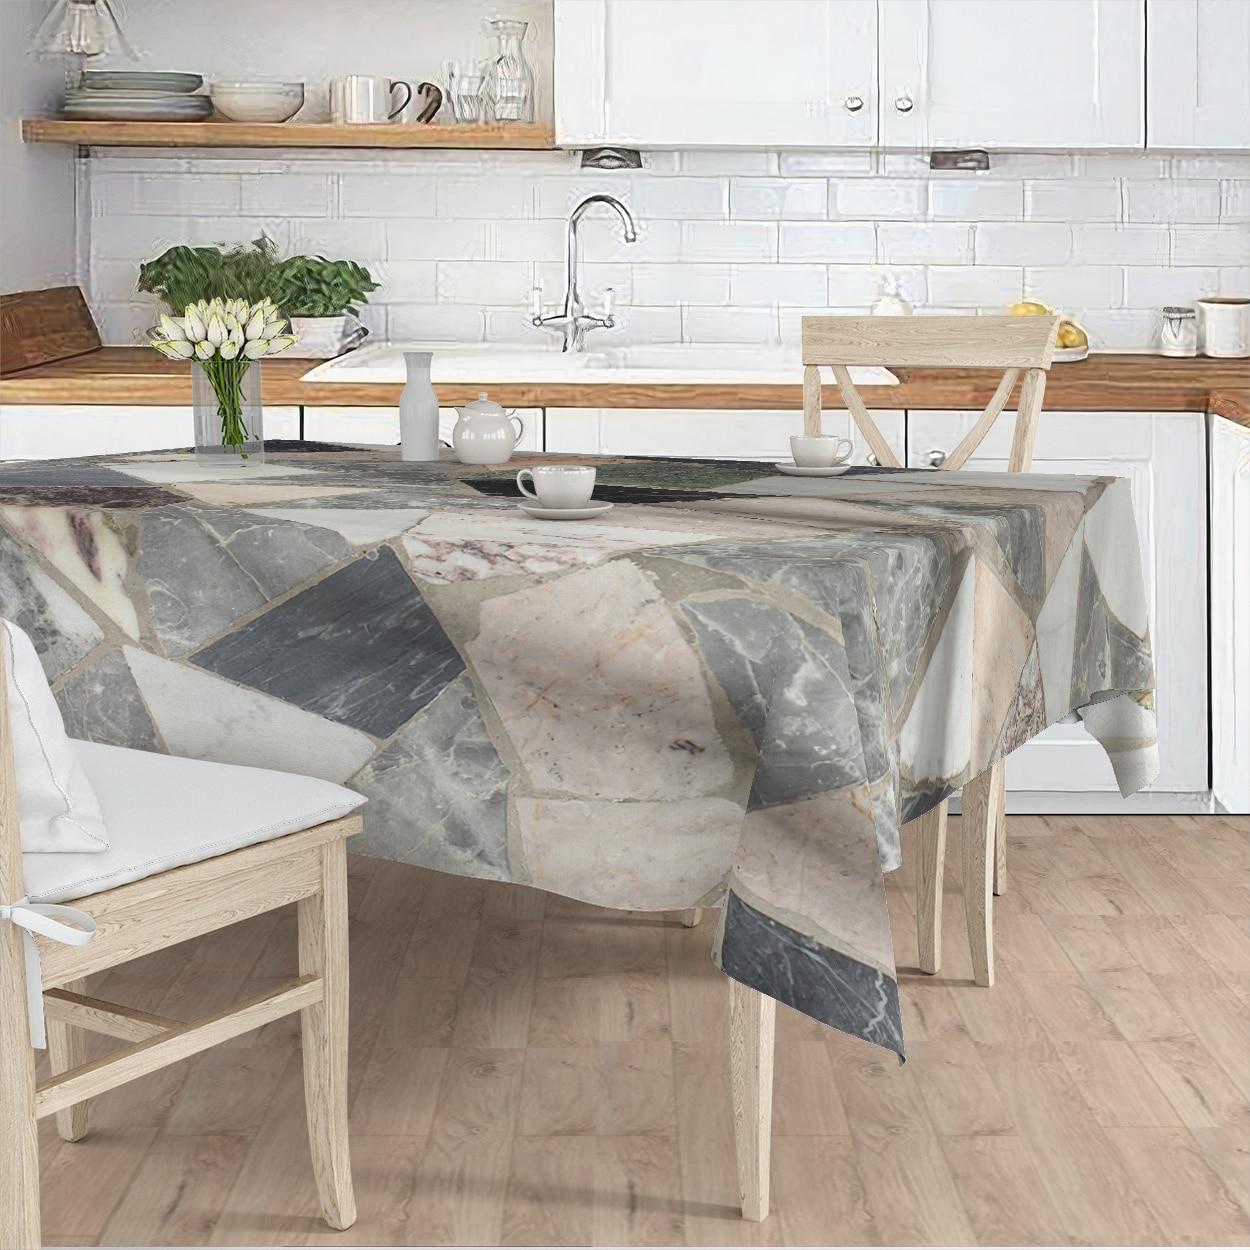 مفرش المائدة غرفة المعيشة المطبخ رمادي هندسي شكل منقوشة مايكرو غطاء من القماش عداء نمط شحن مجاني